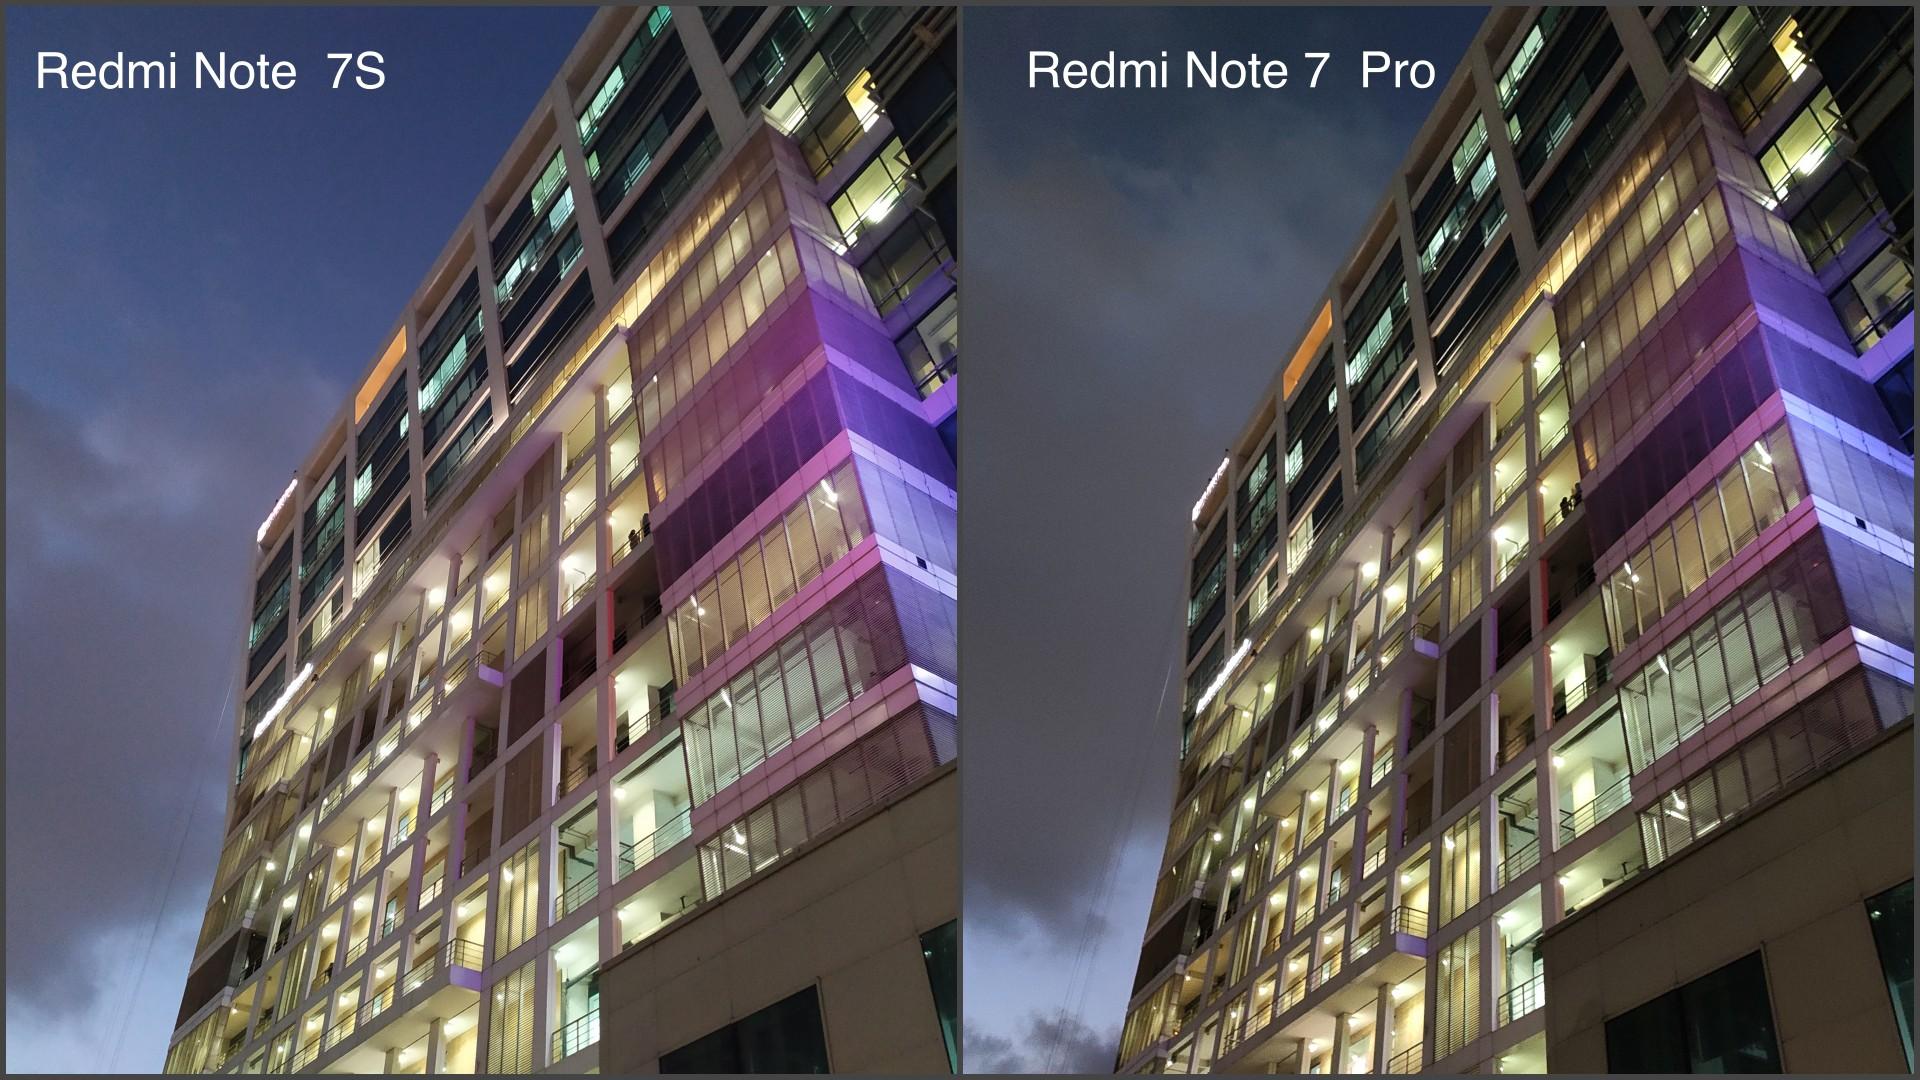 Redmi Note 7 Pro vs Redmi Note 7S Camera Comparison: The